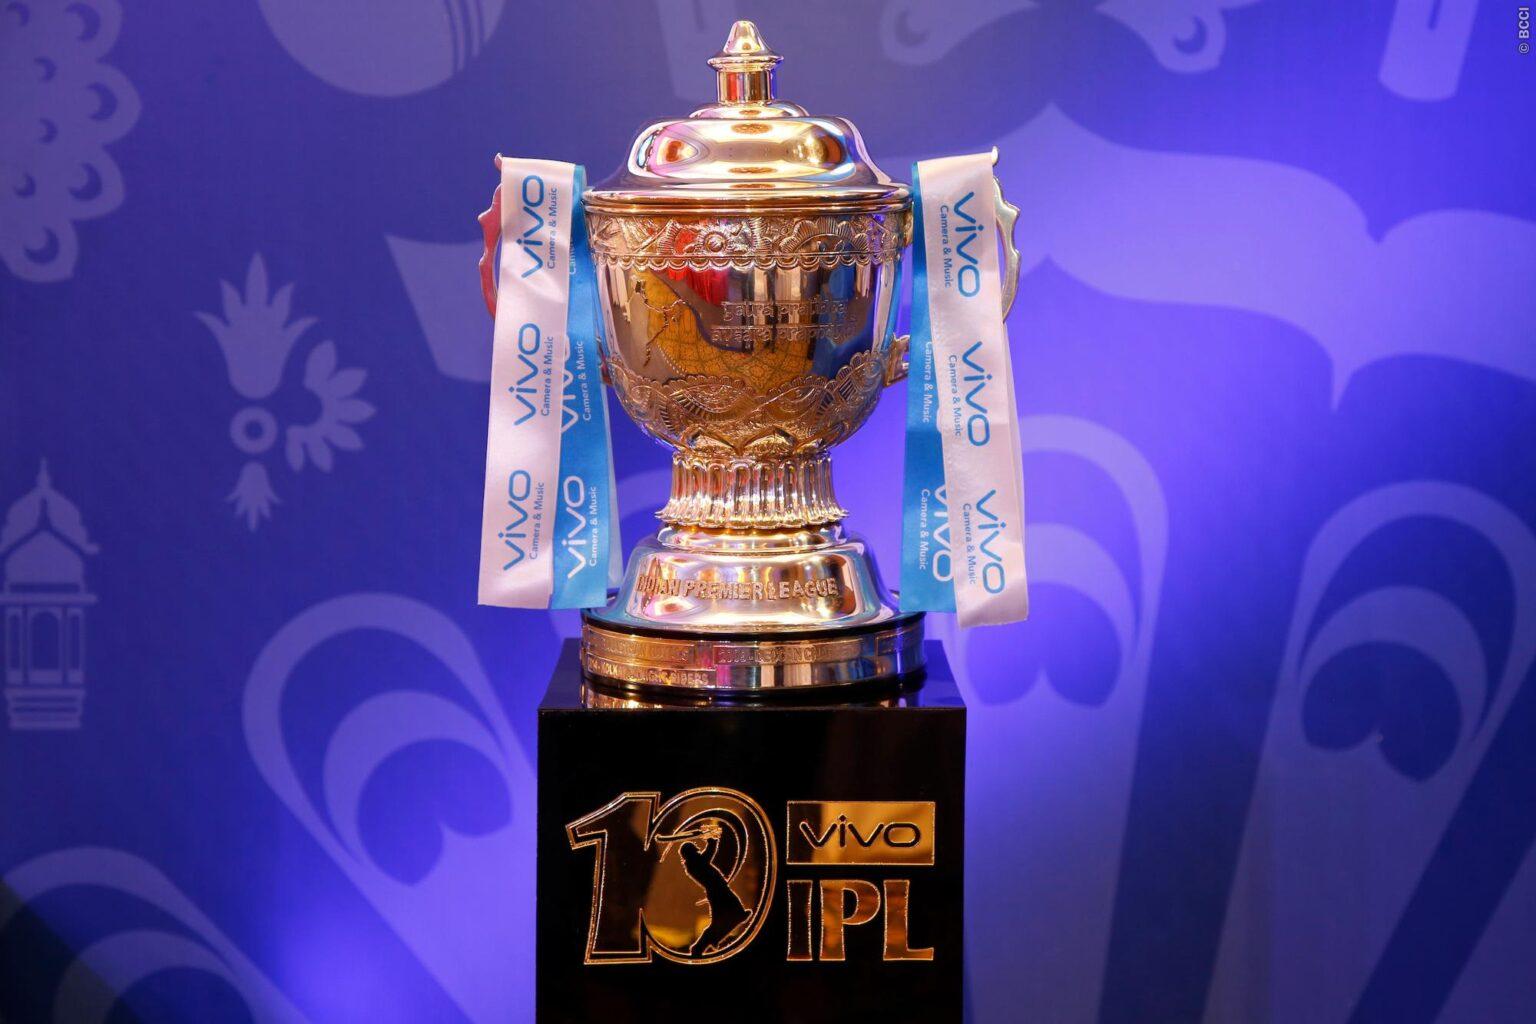 आईपीएलको १४औं लिगमा आफ्ना धेरै नियमहरू परिवर्तन गर्दै